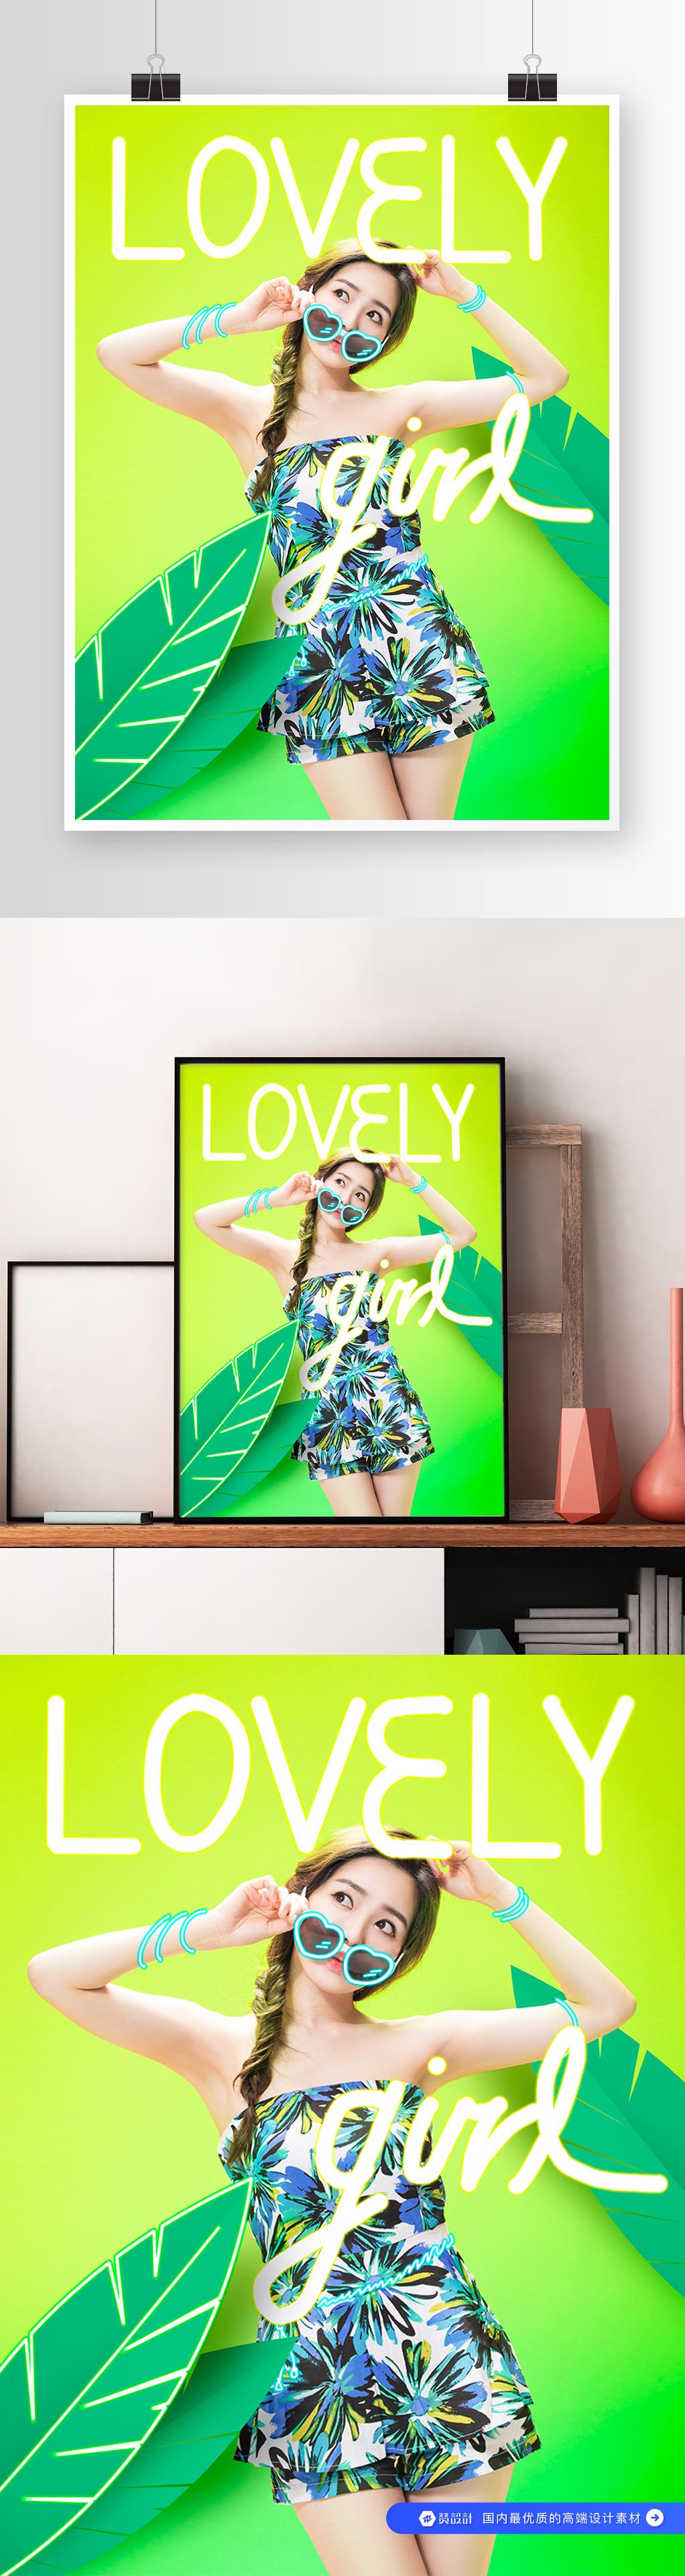 炫彩背景 美女合成海报素材(7)